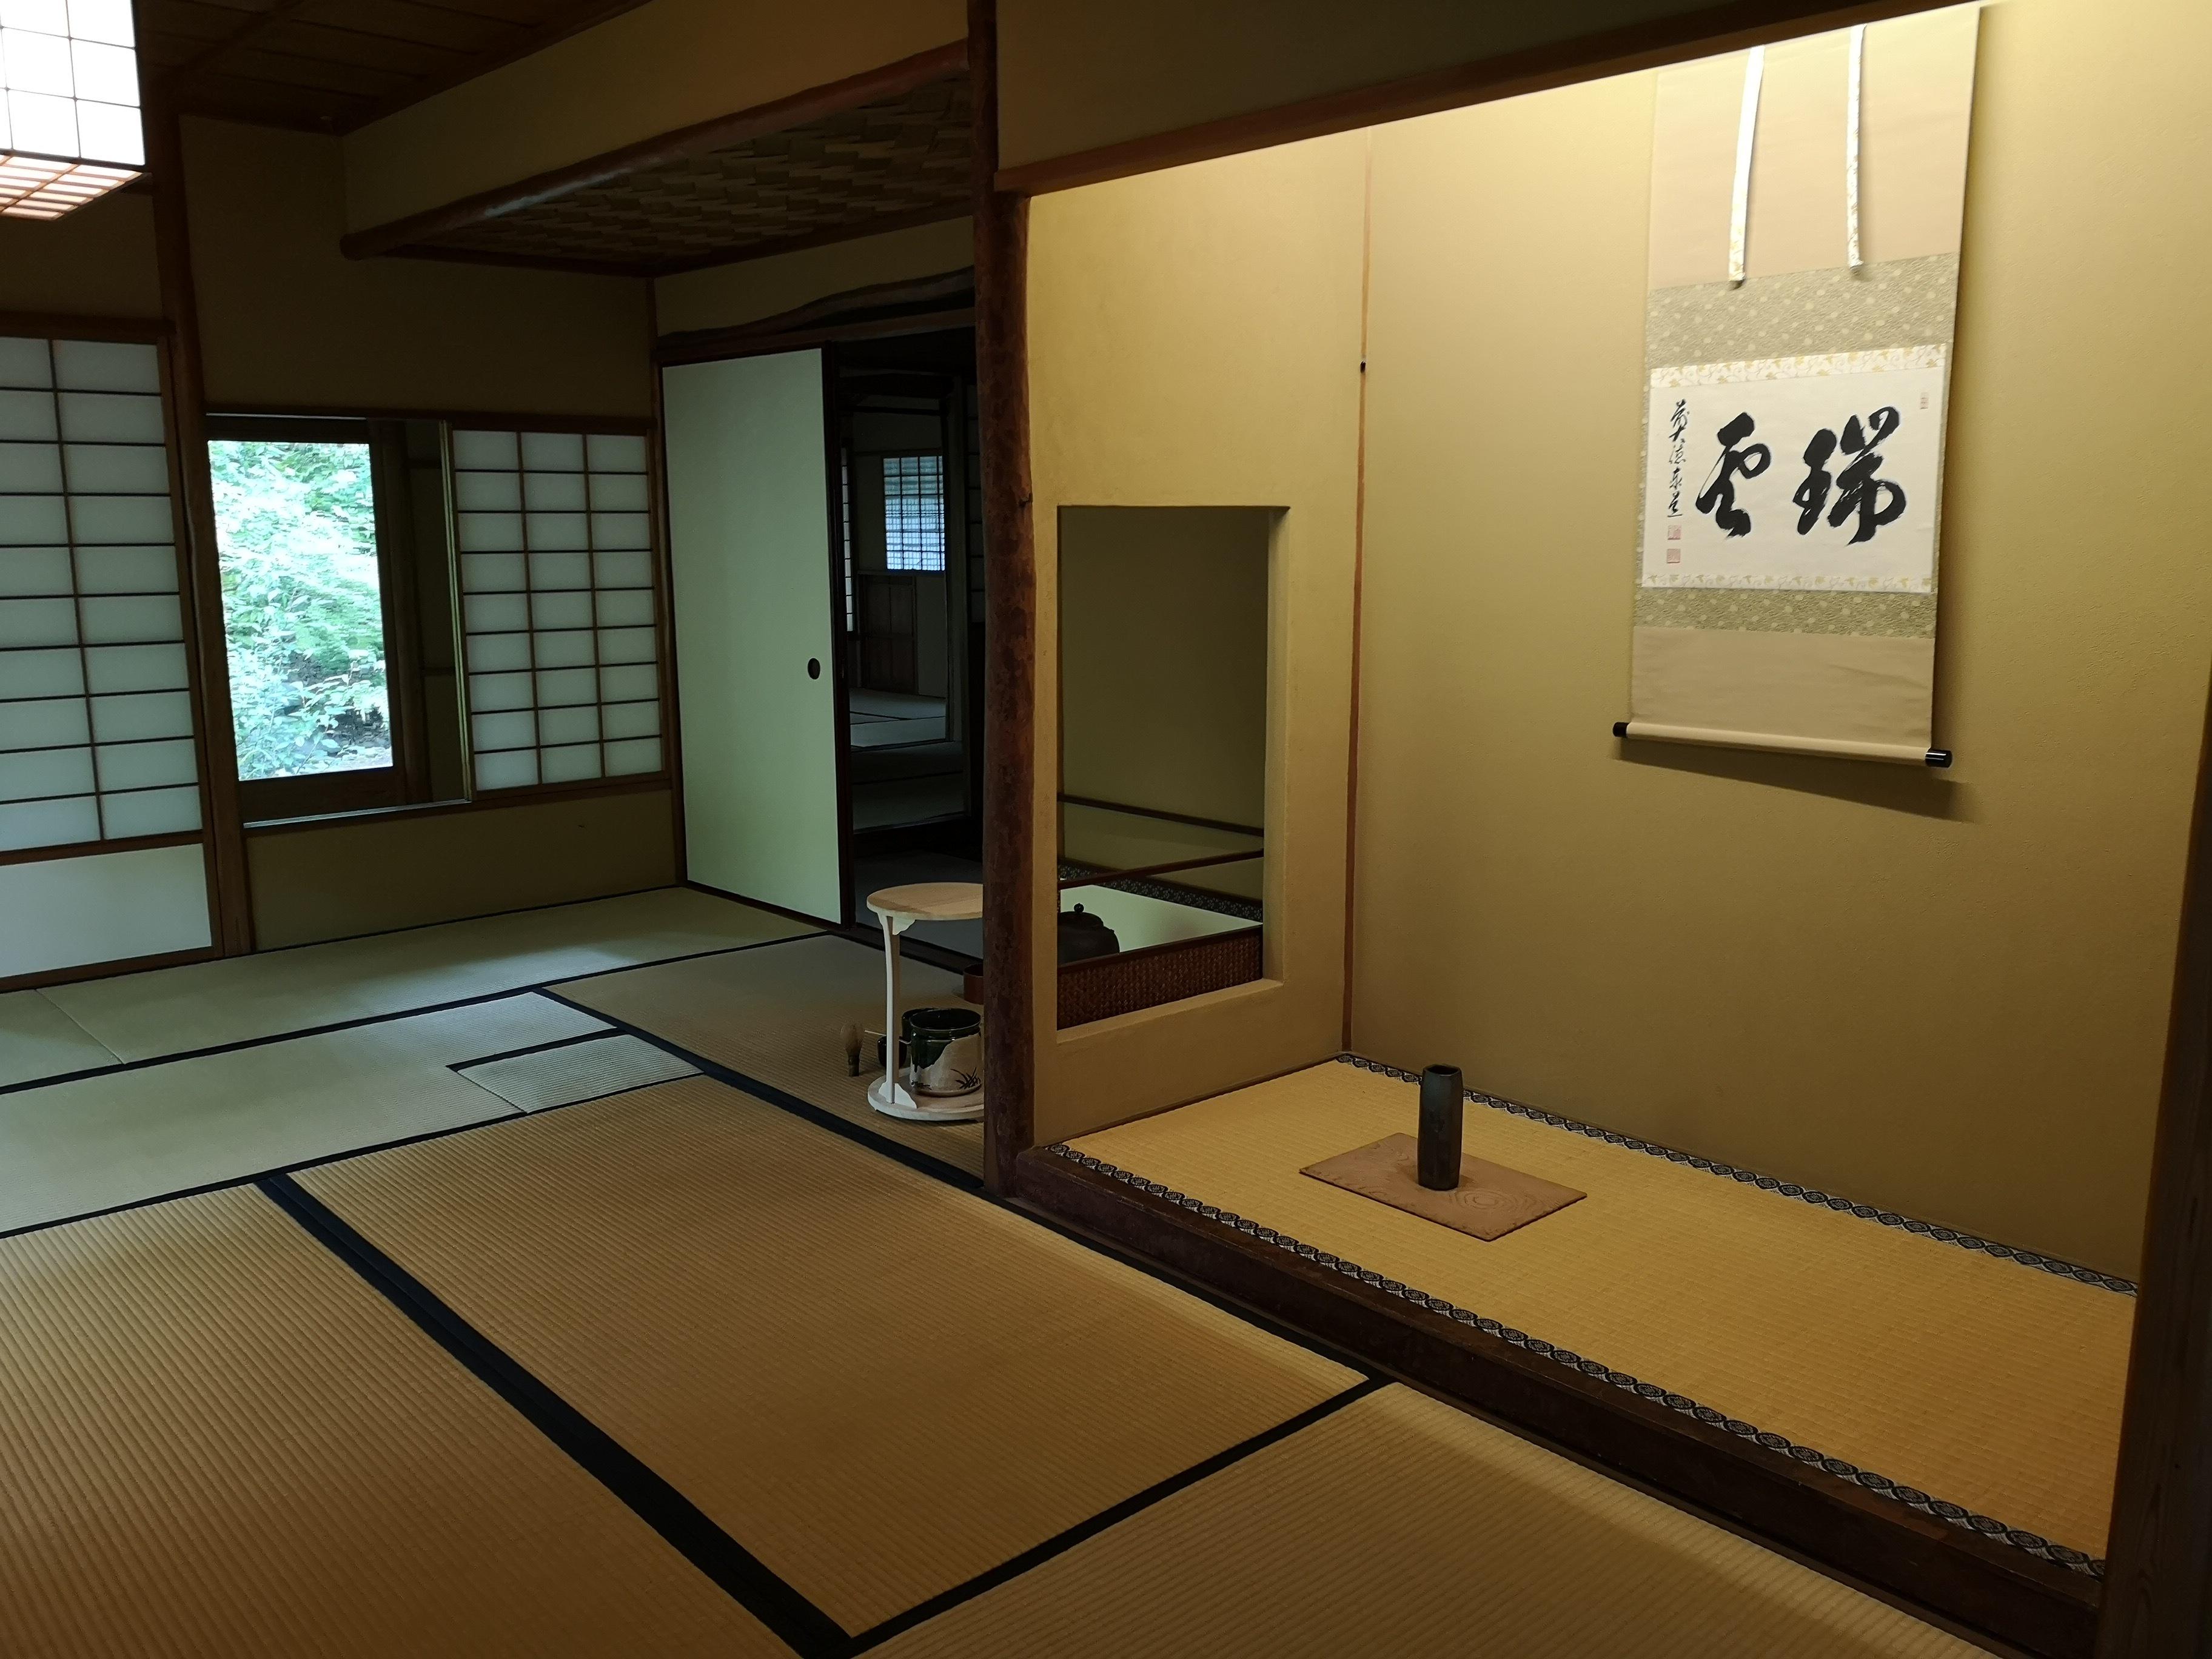 日本庭園(2)_スマホ_2